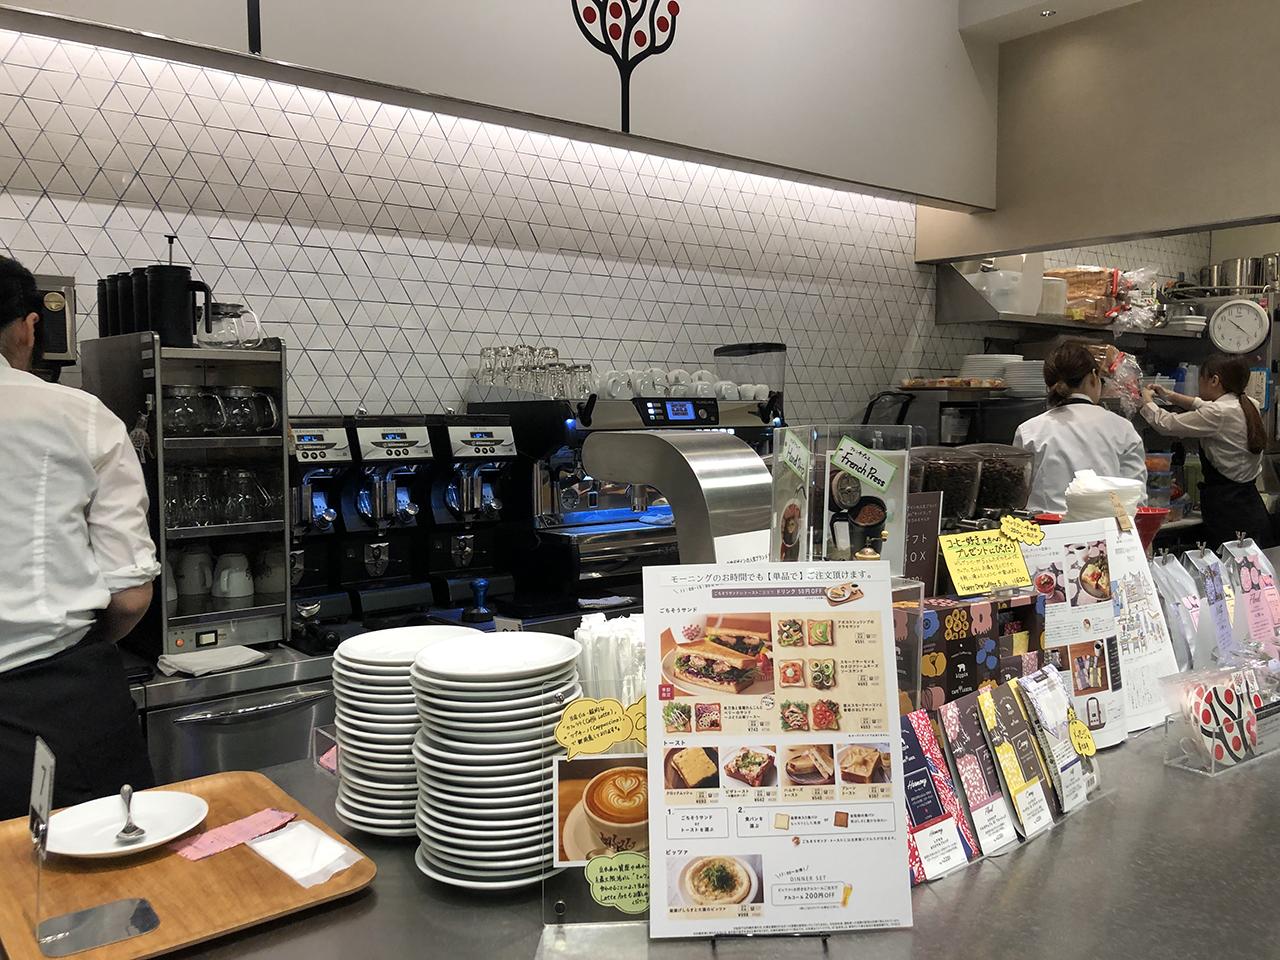 CAFE LEXCEL(カフェ レクセル) 東京国際フォーラム店の投稿写真2